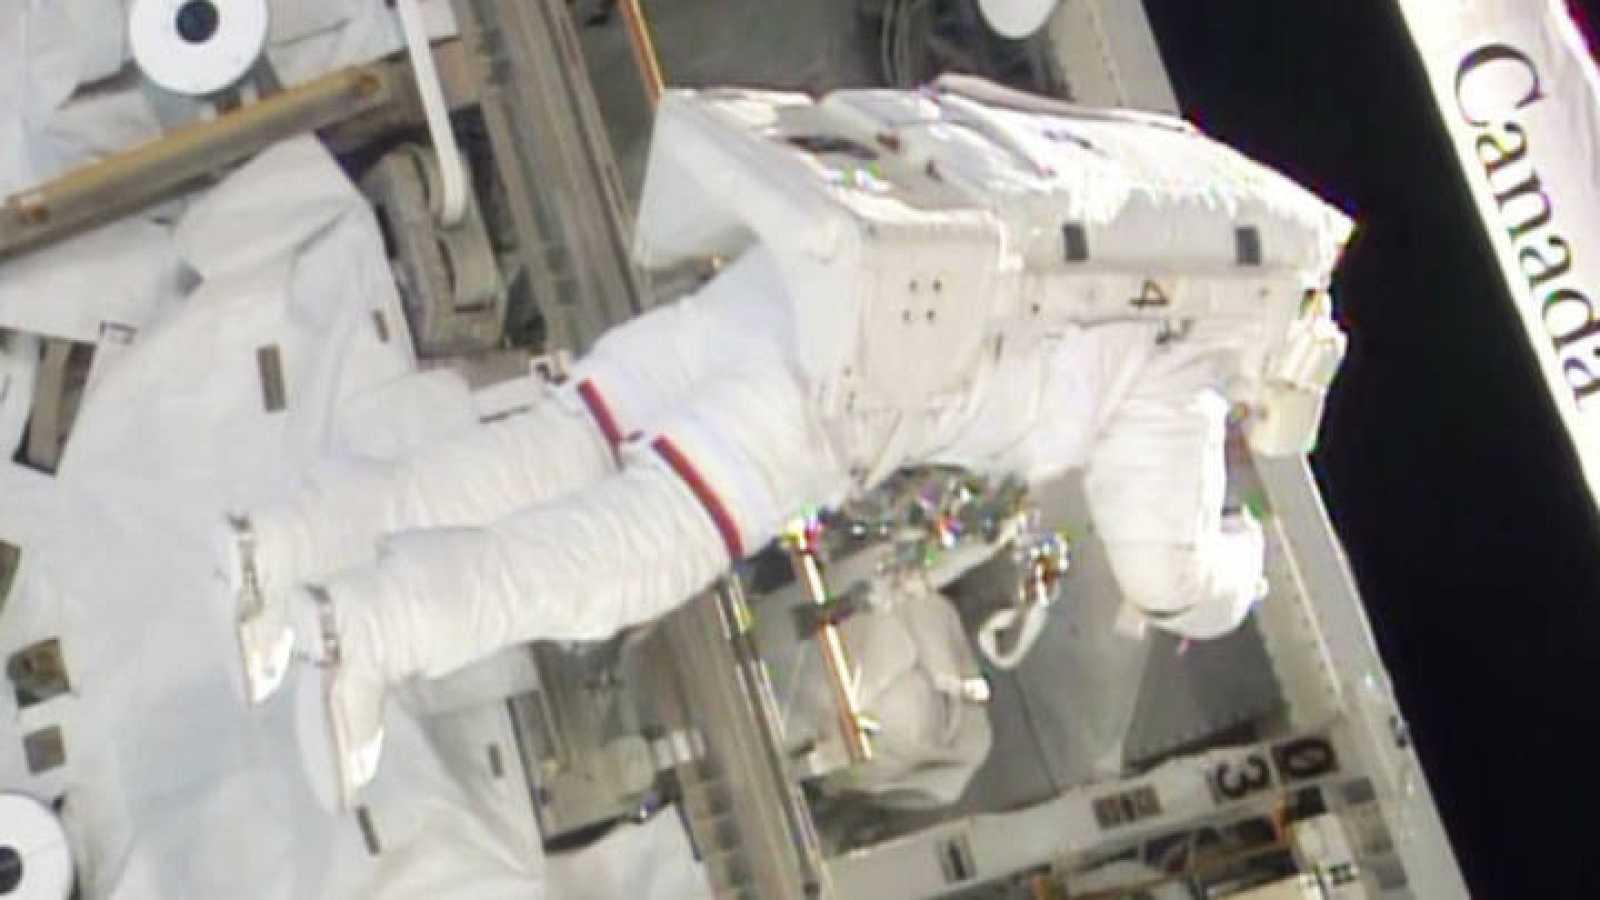 Uno de los astronautas trabajando en la sustitución del ordenador estropeado.